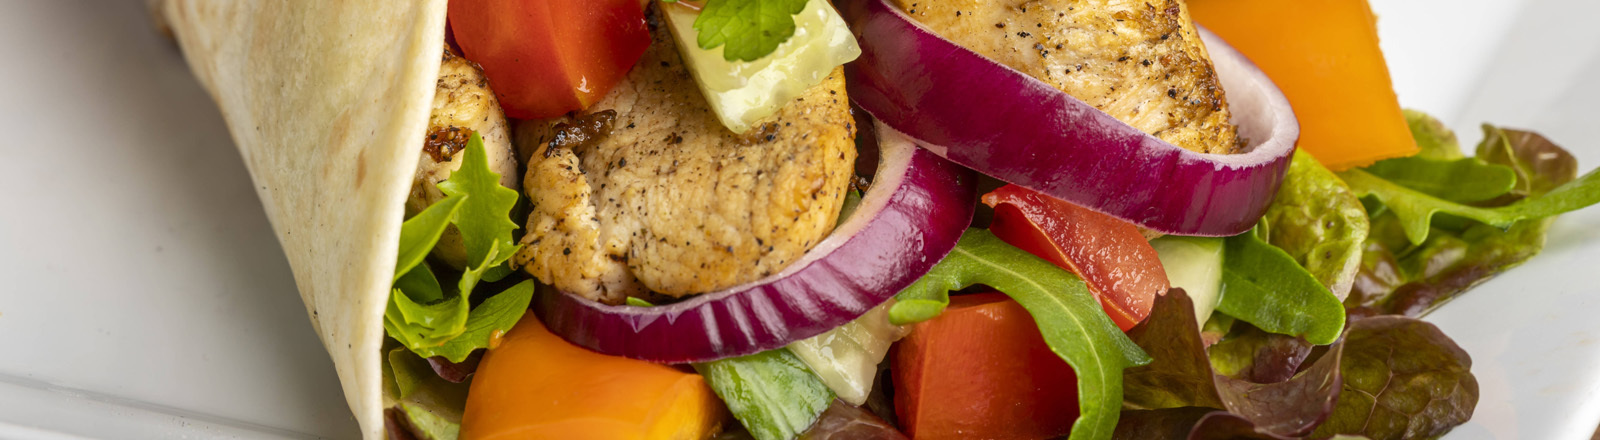 Dürüm mit Fleisch und Gemüse.